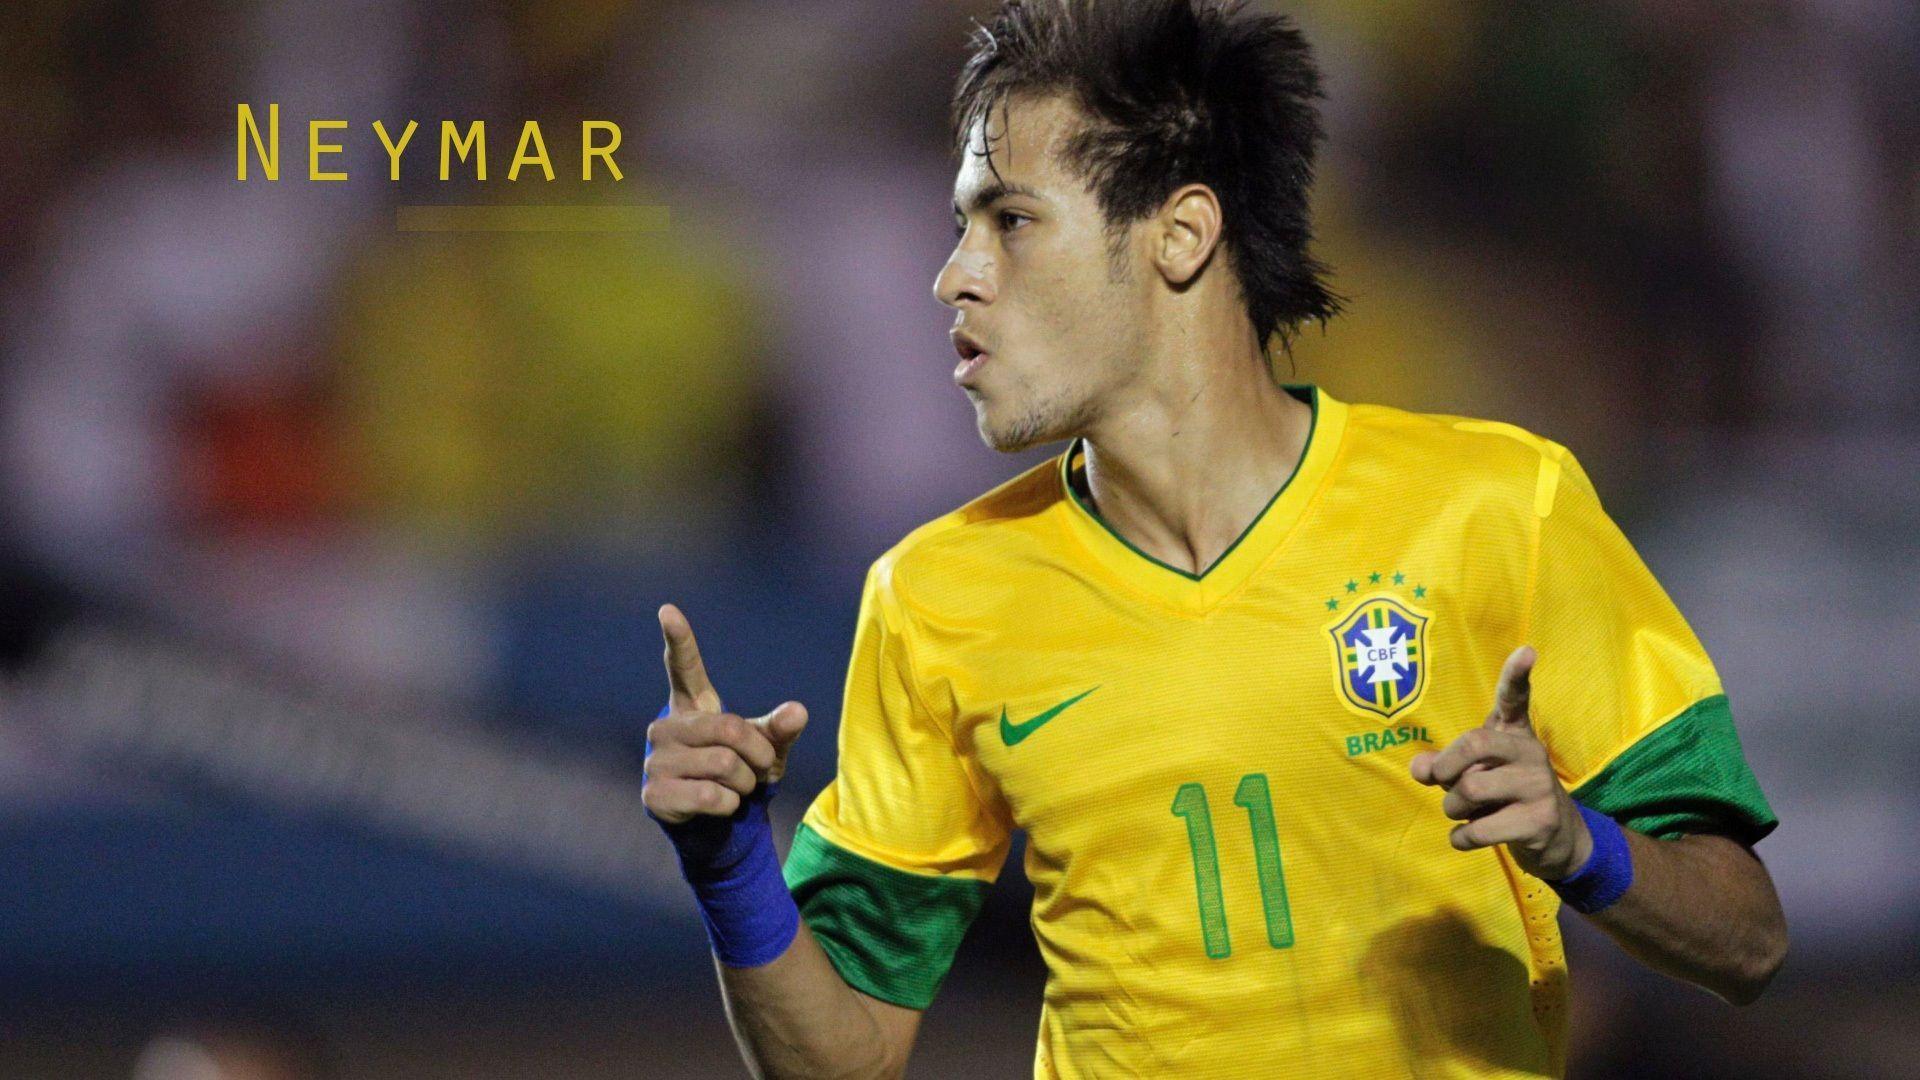 2016 Fifa Brazil Neymar 3D Wallpapers - Wallpaper Cave  2016 Fifa Brazi...